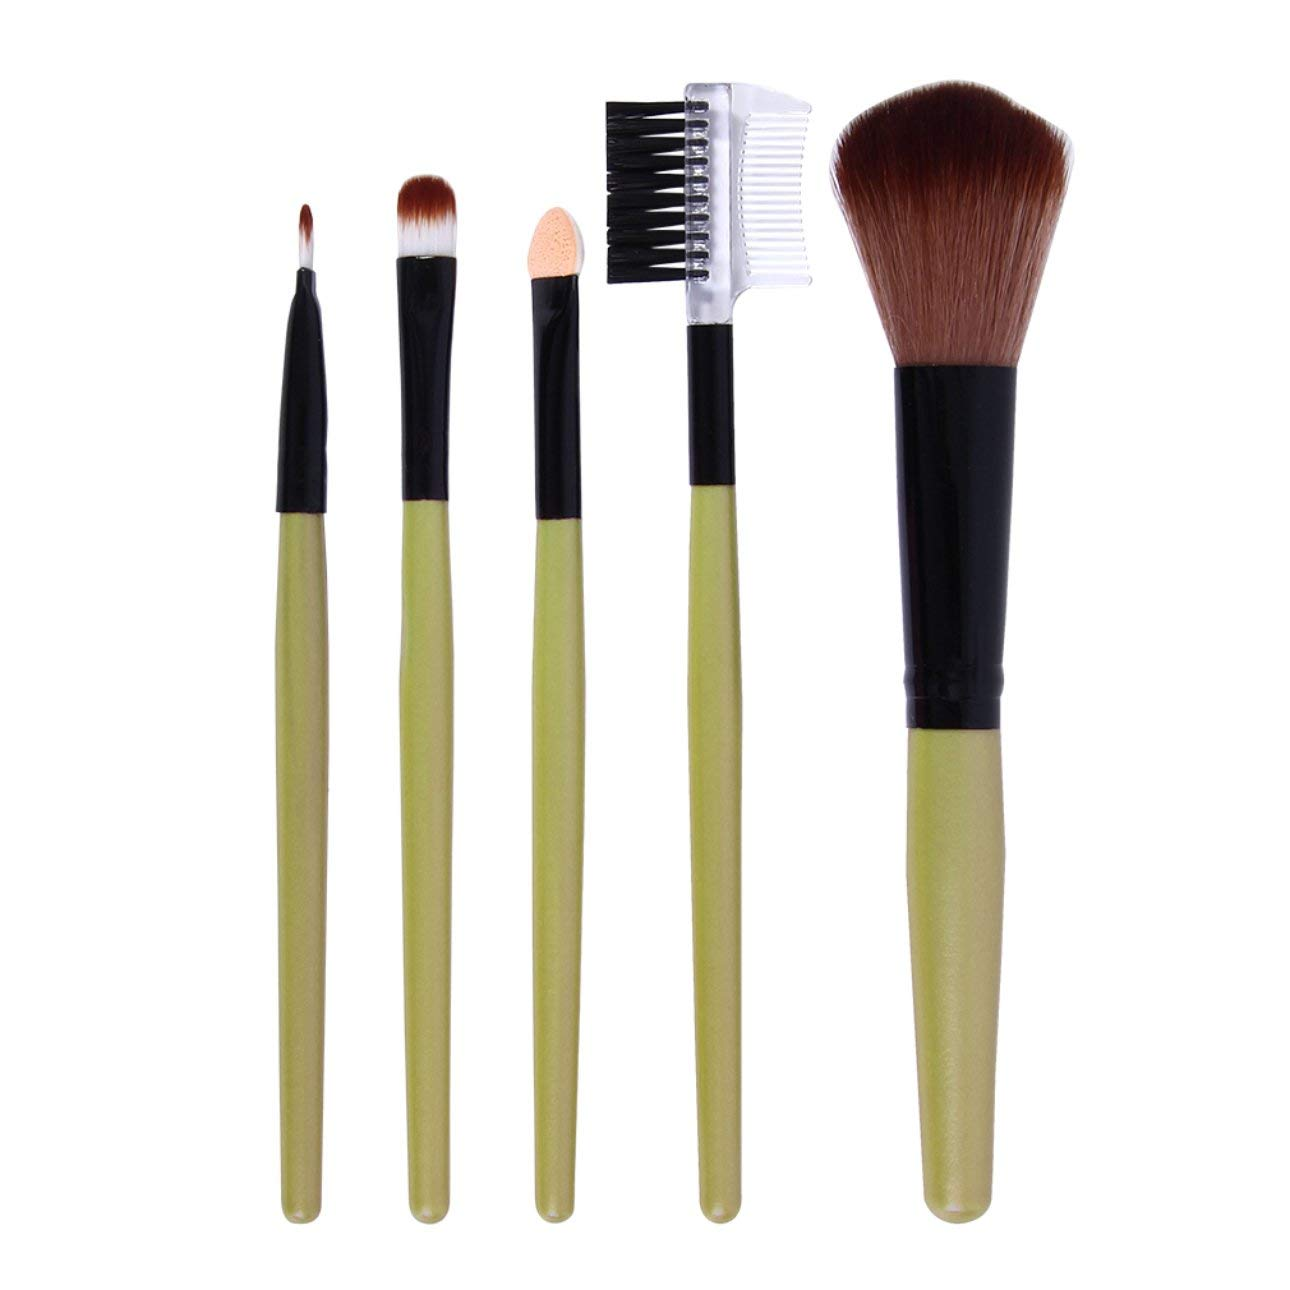 Liobaba Makeup Eye Brush, 5pcs Eyeshadow Eyeliner Blending Crease, Essential Makeup Brushes Apply Better Makeup